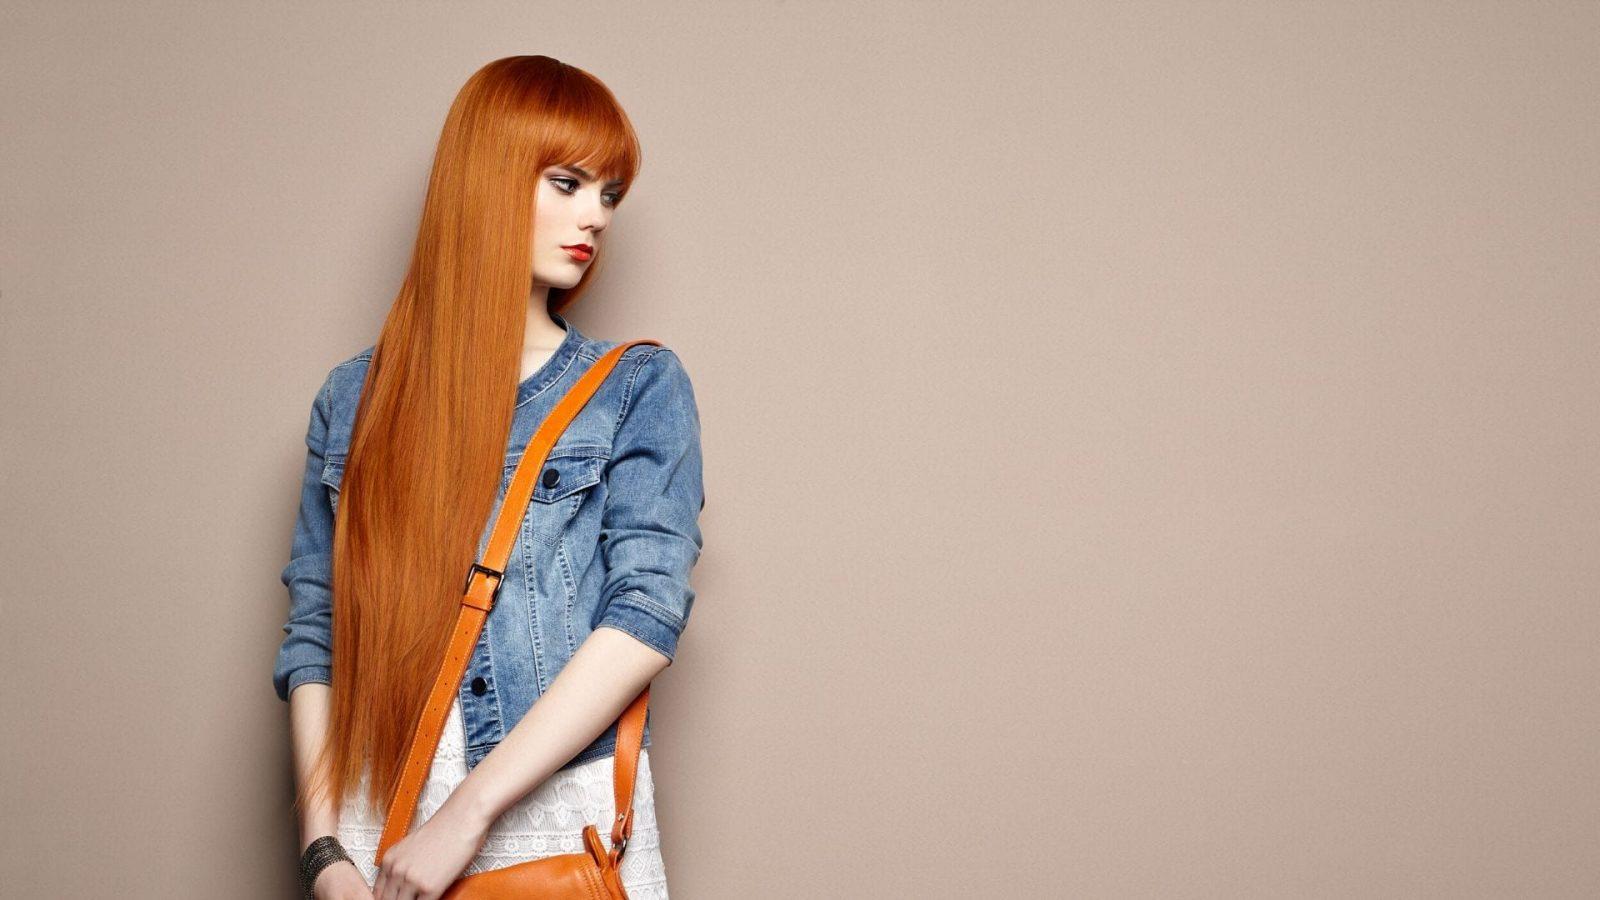 תמונה של אישה עם שיער ג'ינג'י ארוך מאוד וחלק שמפנה לדף תכשירי השיער לשיקום של מילר